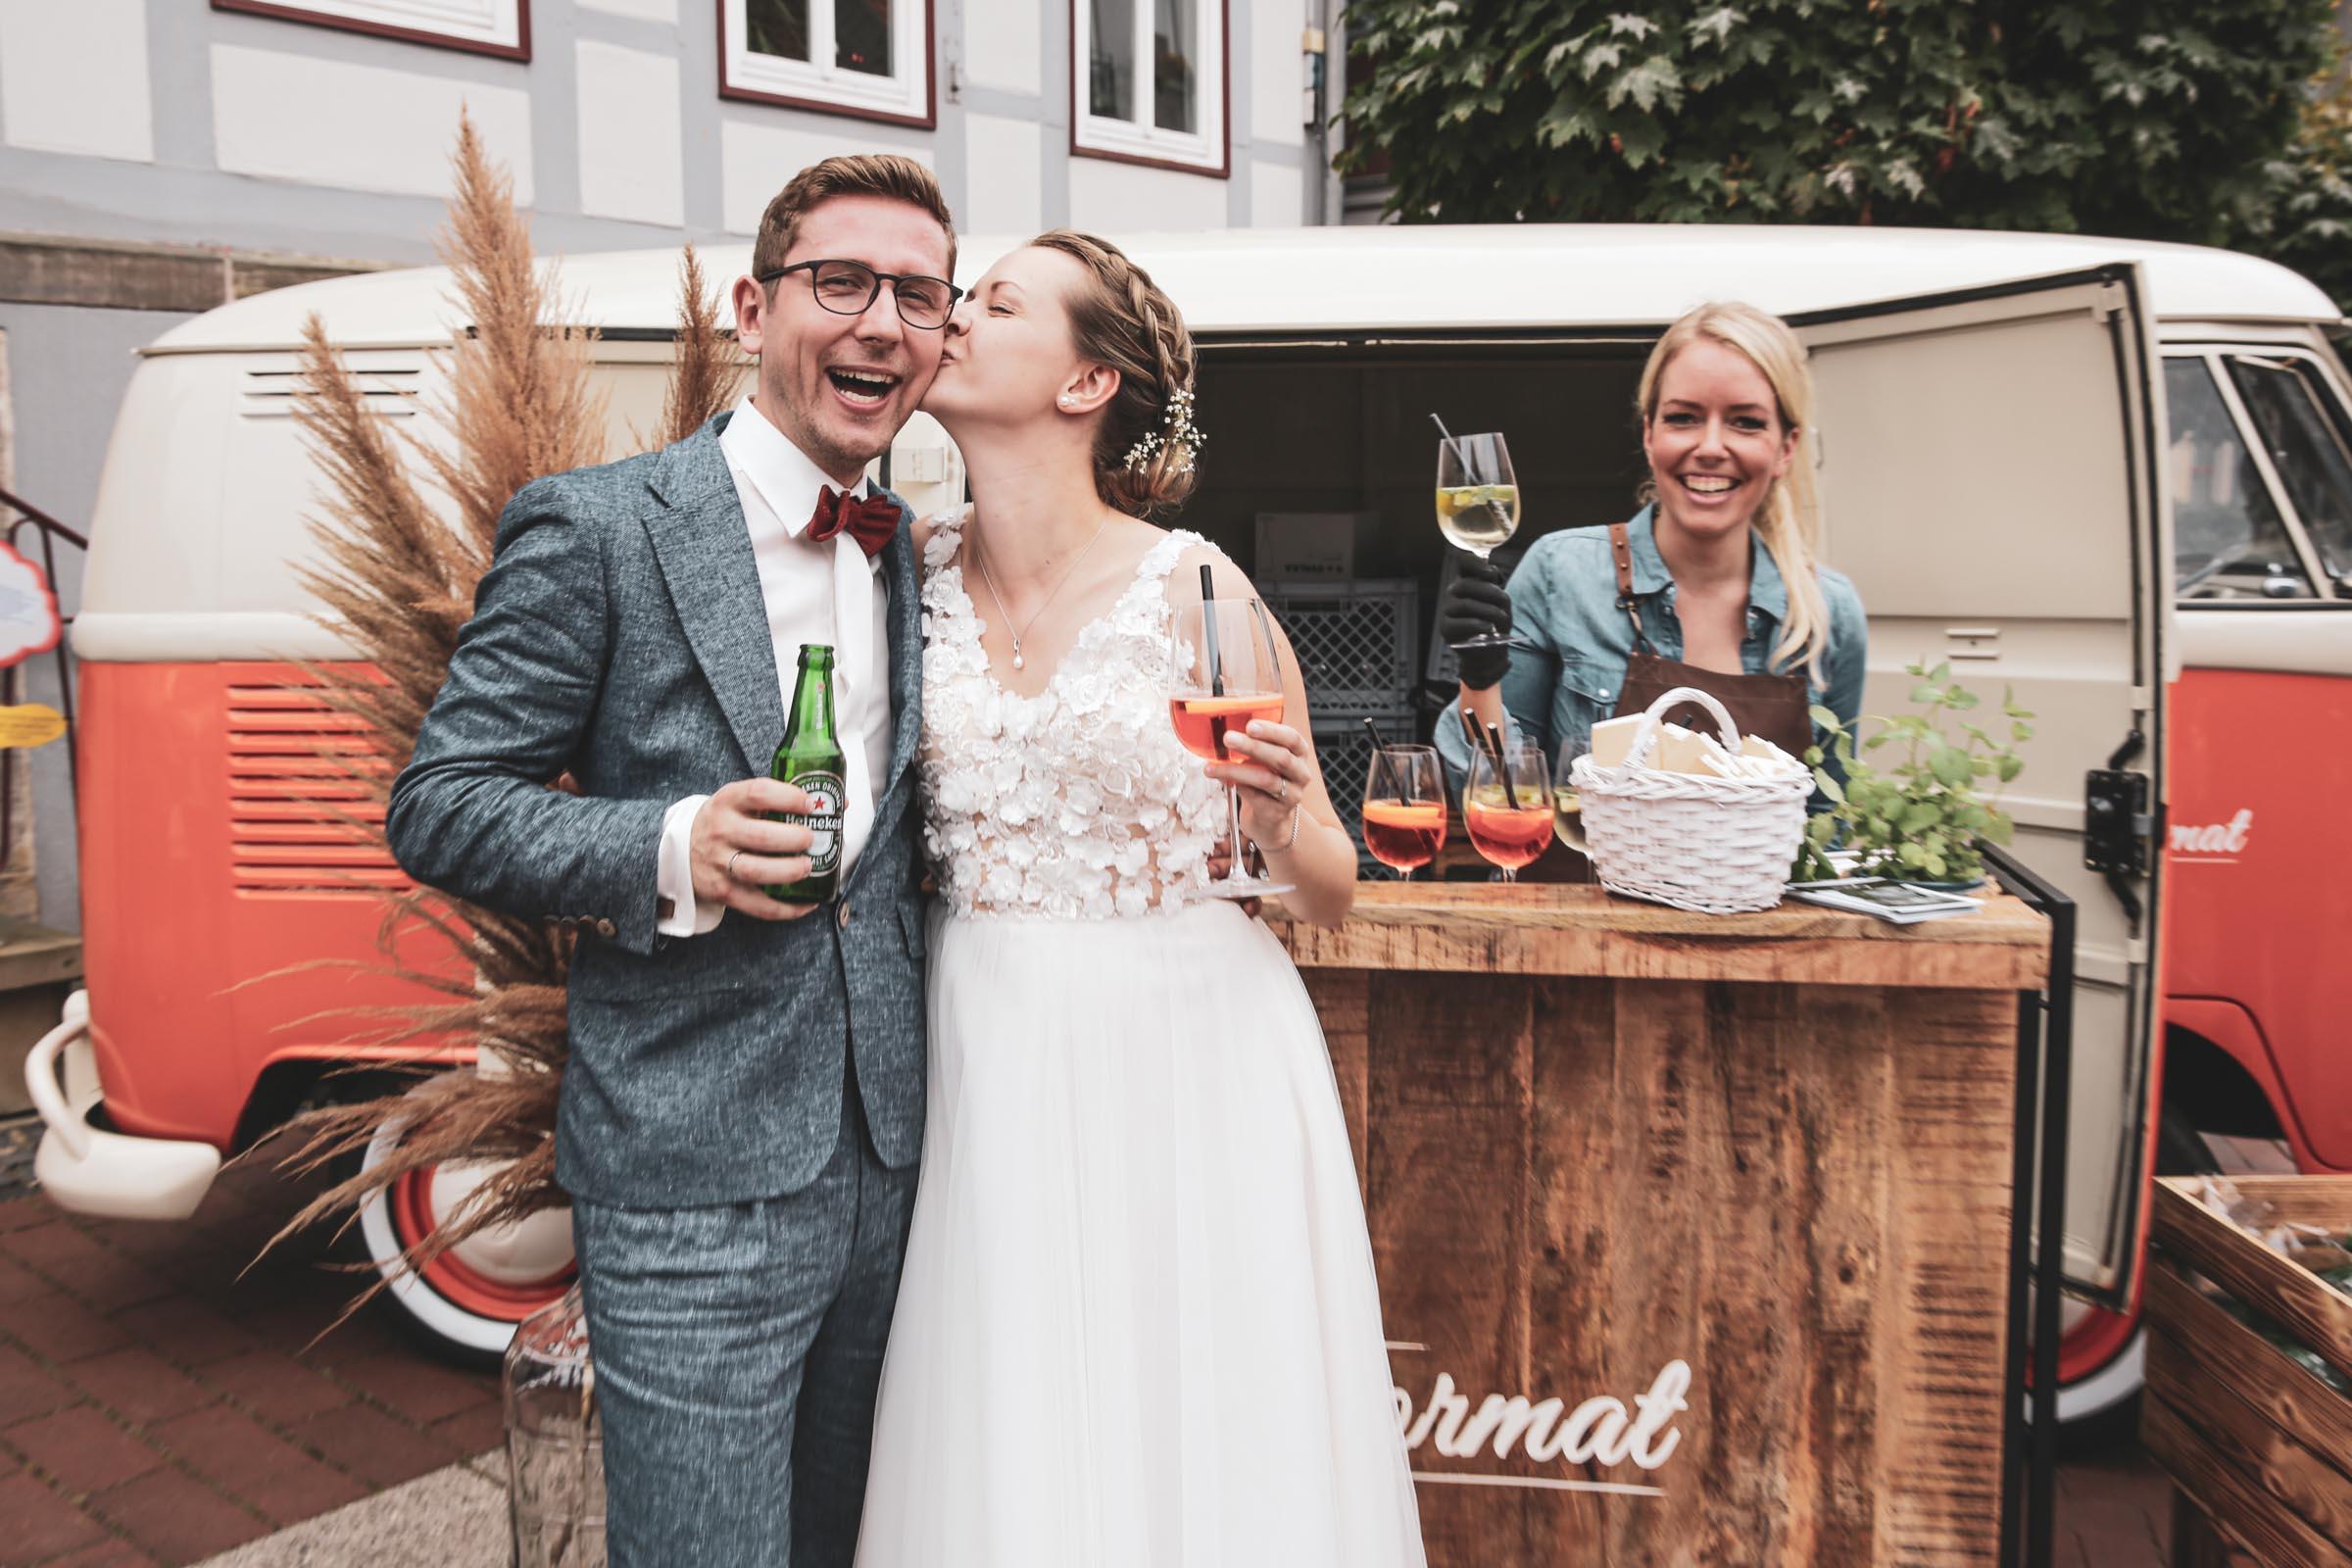 Mobile | Cocktailbar | Hochzeit | Sektempfang | Barkeeper | Buchen | Mieten | Geburtstag | VW | Bar | Ape | Getränke | Catering | Foodtruck | Weinbar | Ginbar | Sektbar | Kaffeebar | Messe